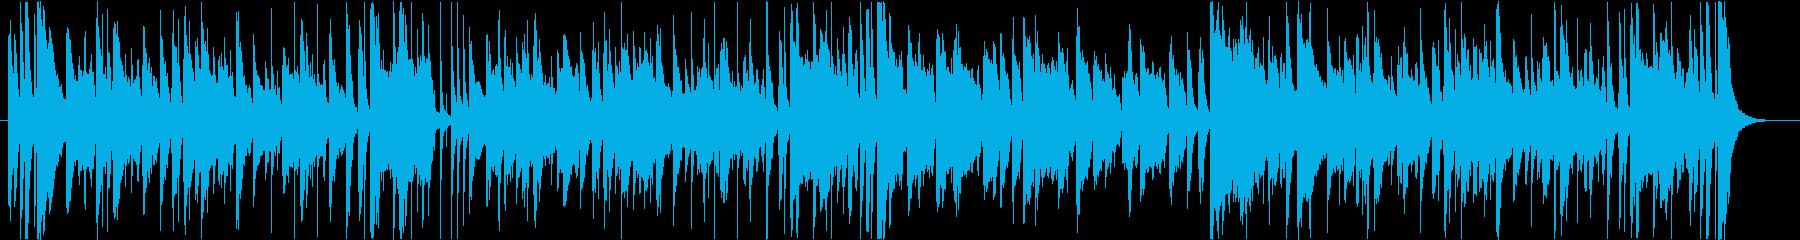 ブラスとピアノの軽快なジャジーTUNEの再生済みの波形